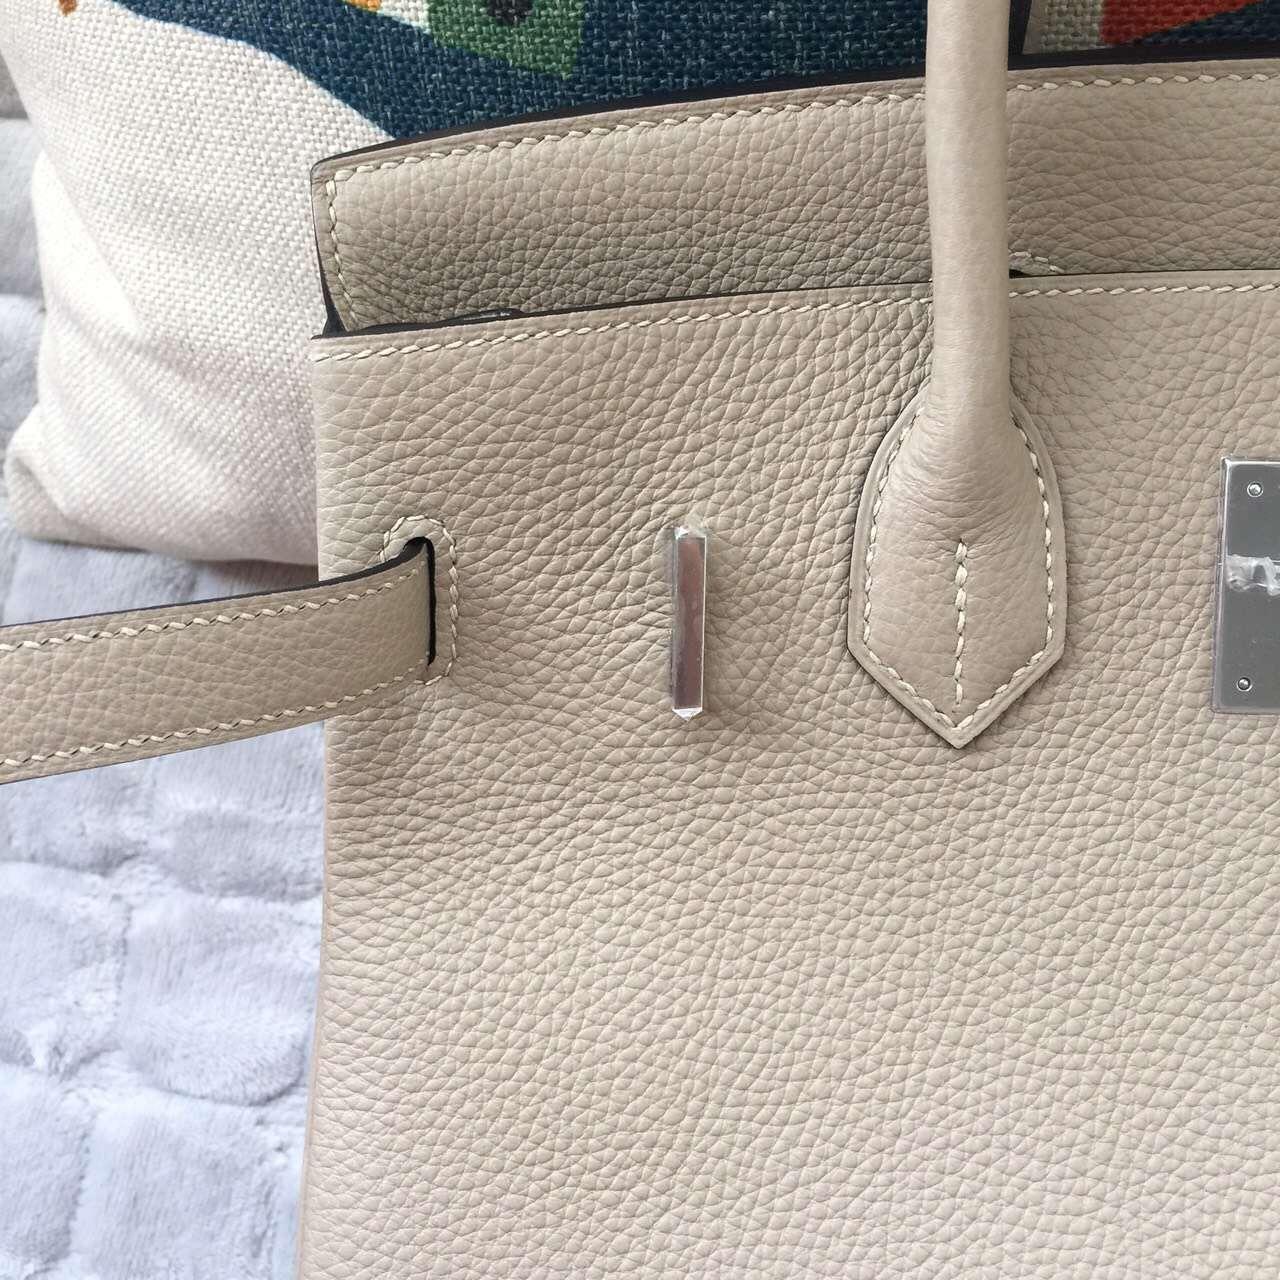 30CM Hermes Gris Tourterelle Togo Calfskin Leather Birkin Bag Silver Hardware